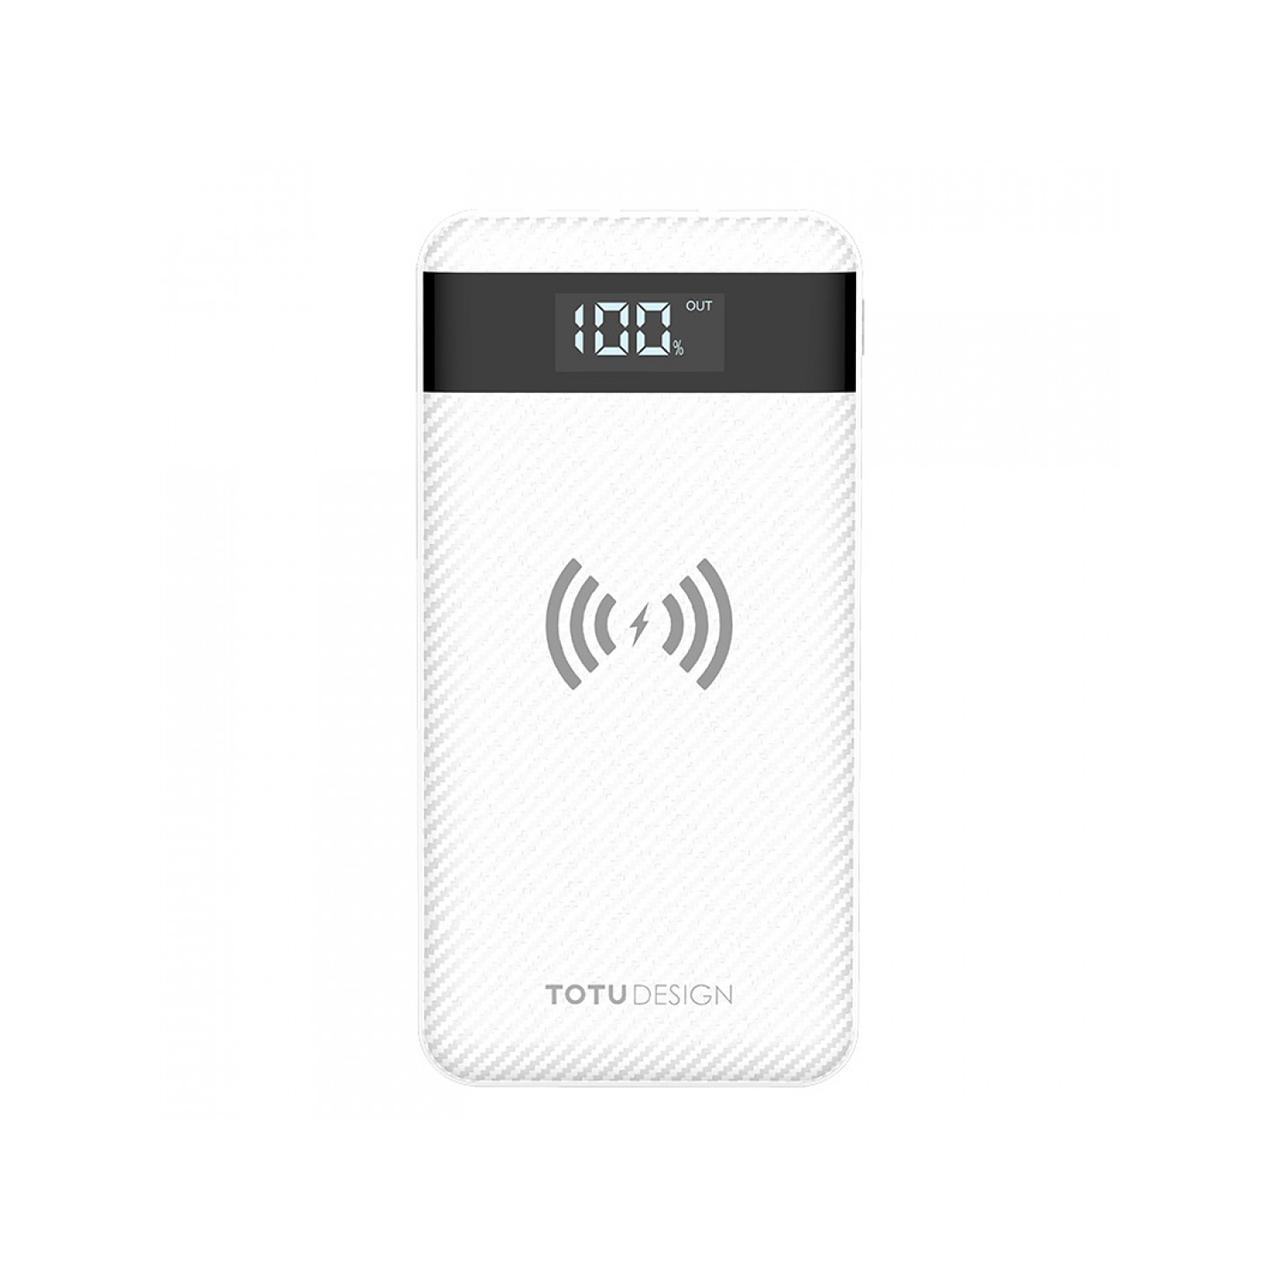 عکس شارژر همراه بی سیم توتو مدل PBW01 با ظرفیت 10000 میلی آمپر ساعت